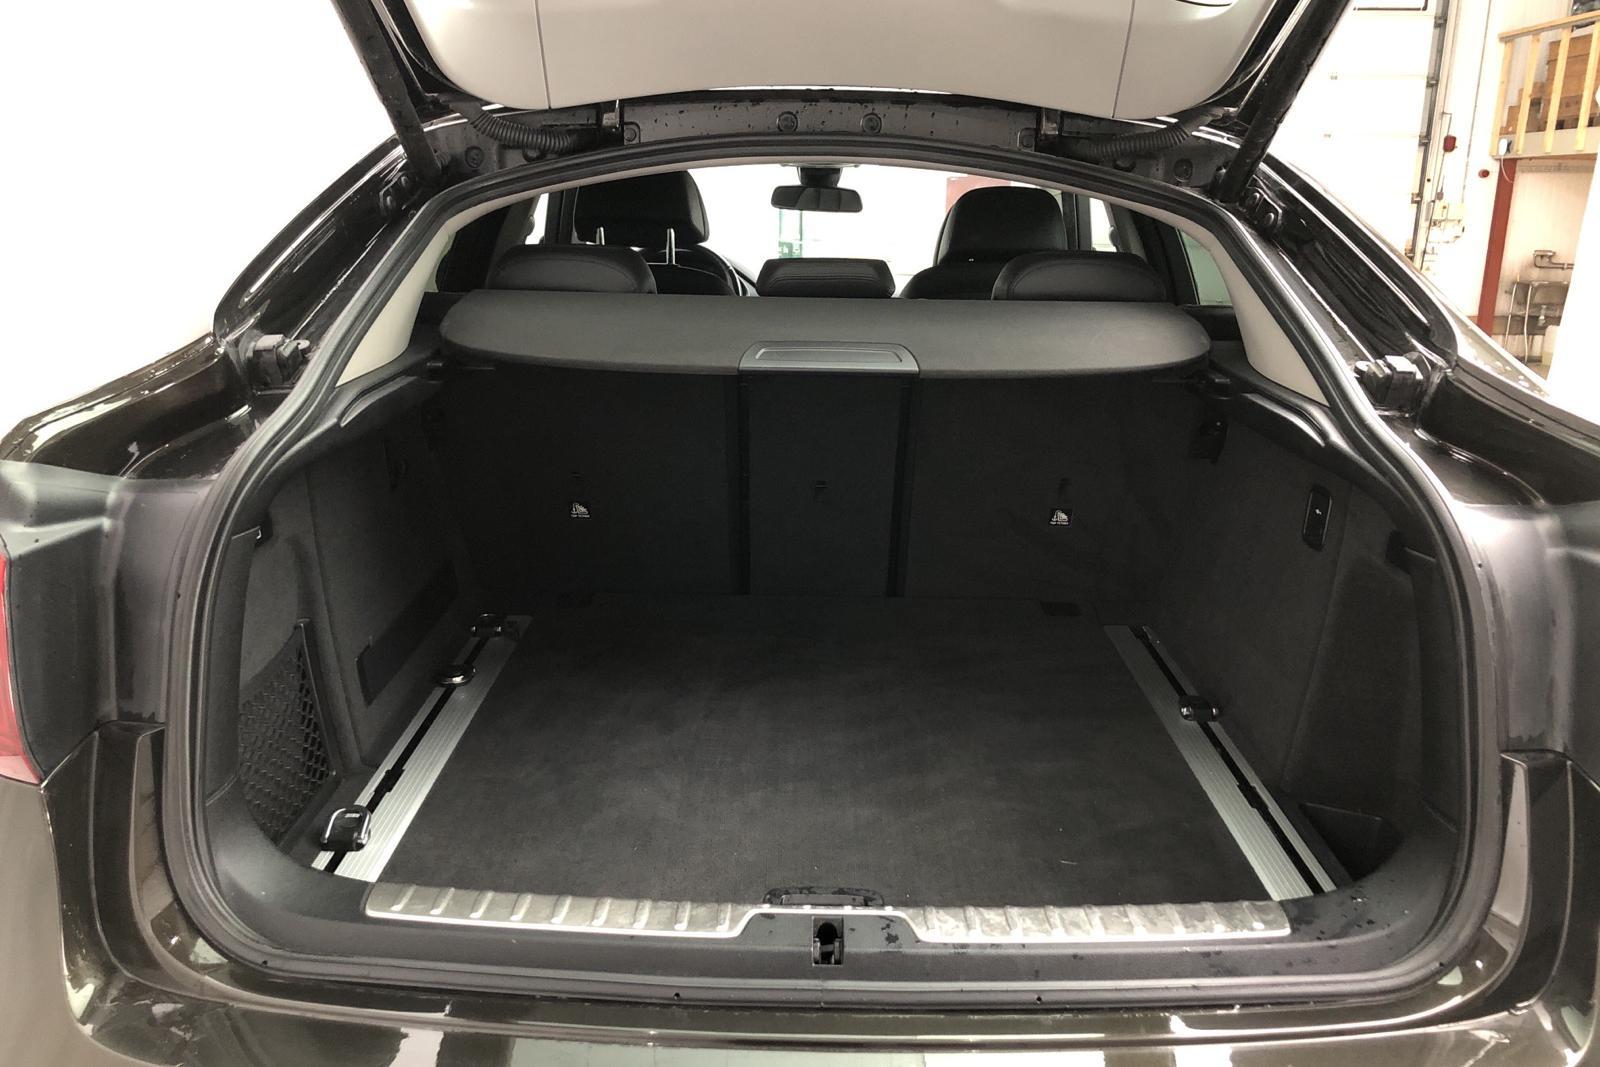 BMW X6 xDrive 40d, F16 (313hk) - 18 058 mil - Automat - brun - 2015